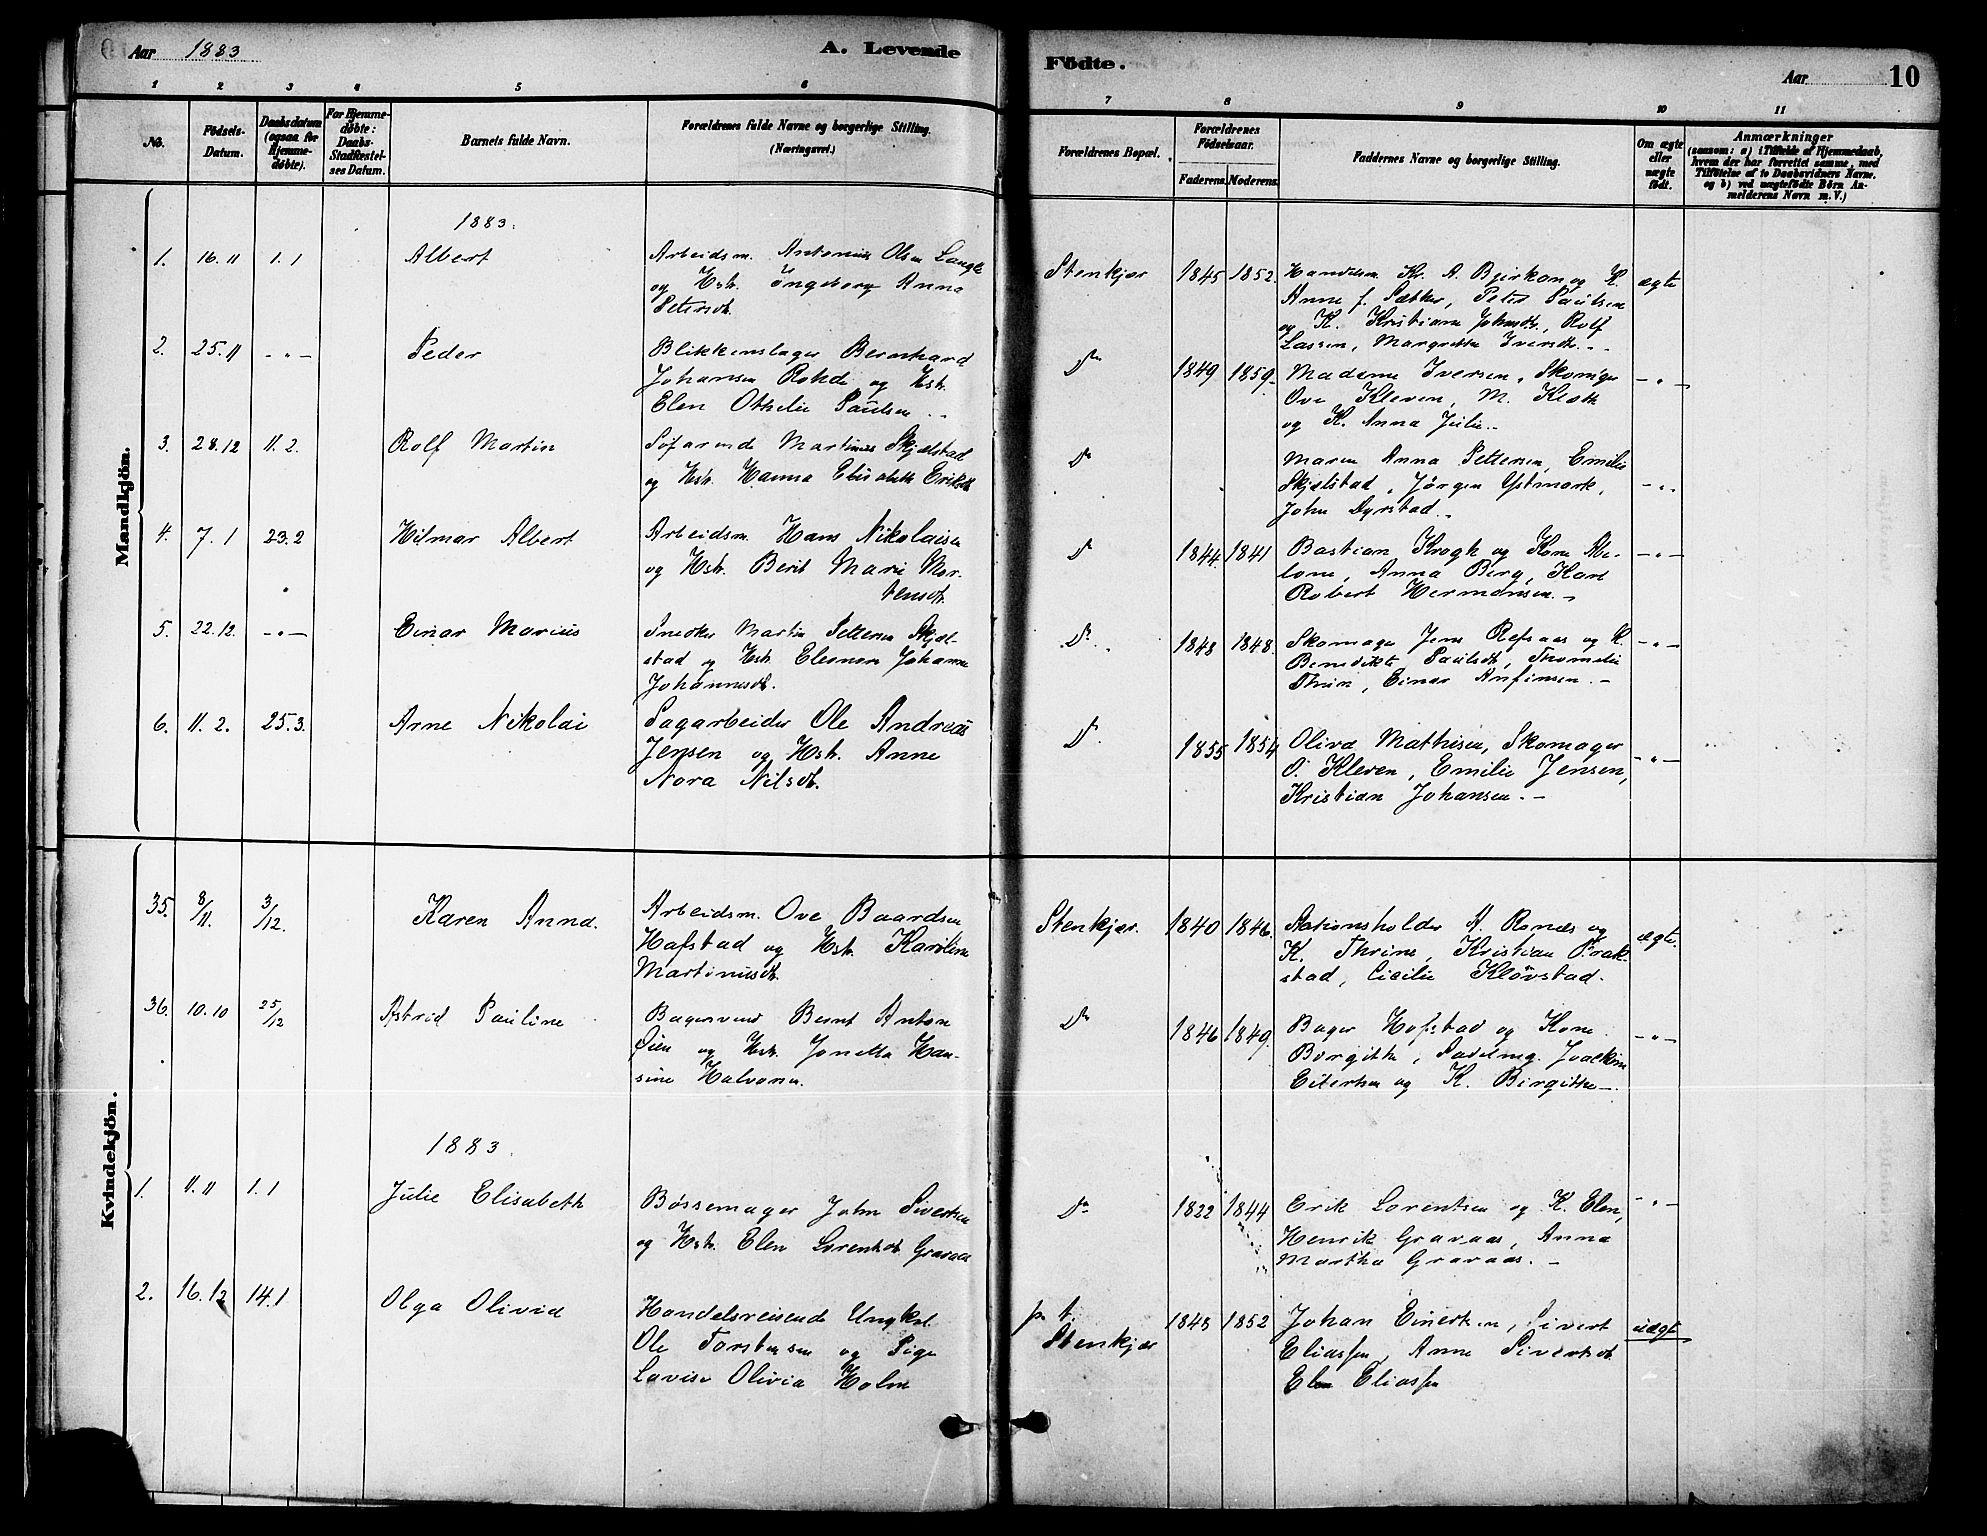 SAT, Ministerialprotokoller, klokkerbøker og fødselsregistre - Nord-Trøndelag, 739/L0371: Ministerialbok nr. 739A03, 1881-1895, s. 10